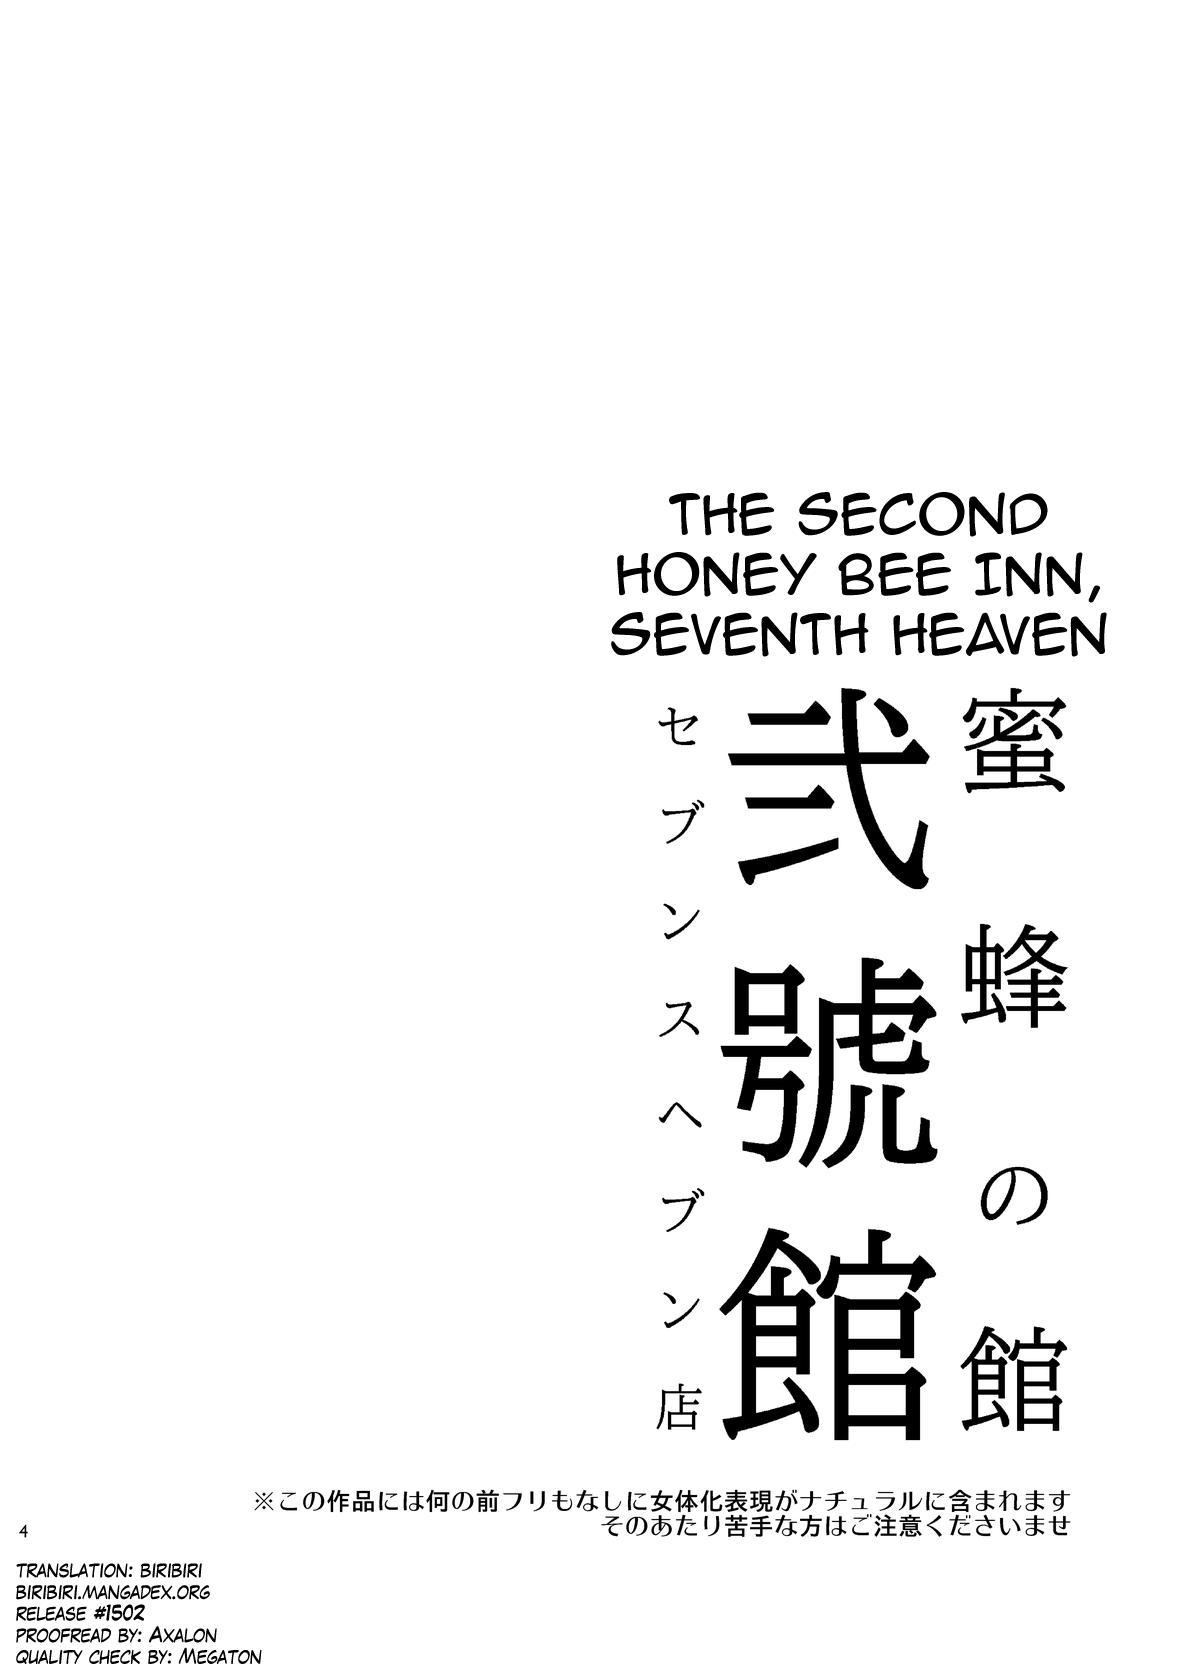 [Alice no Takarabako (Mizuryu Kei)] Mitsubachi no Yakata Nigou-kan Seventh Heaven-ten (Final Fantasy VII) [English] [biribiri] [Digital] 4